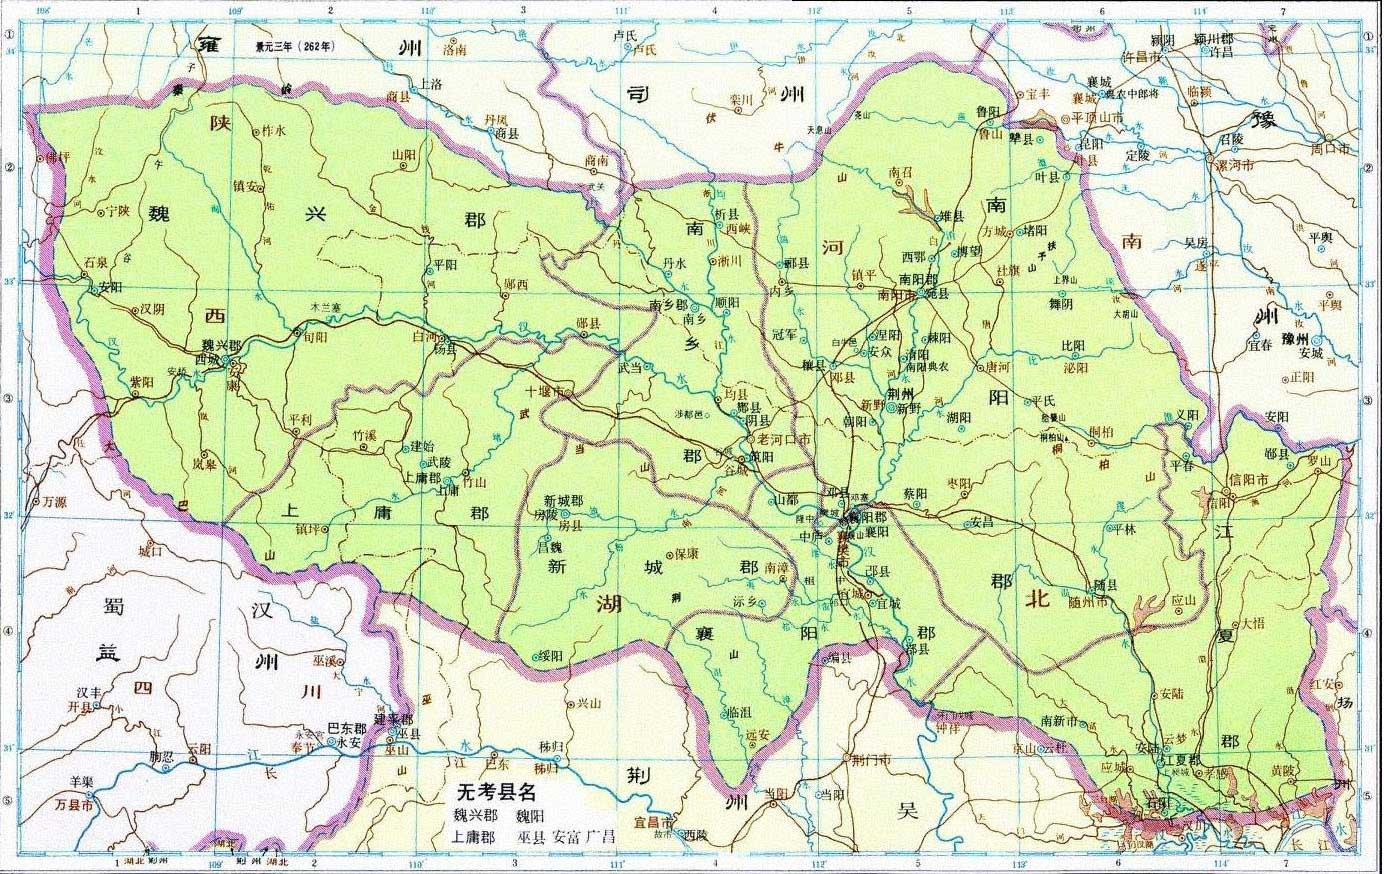 三国时期详细地图(含古今对照)